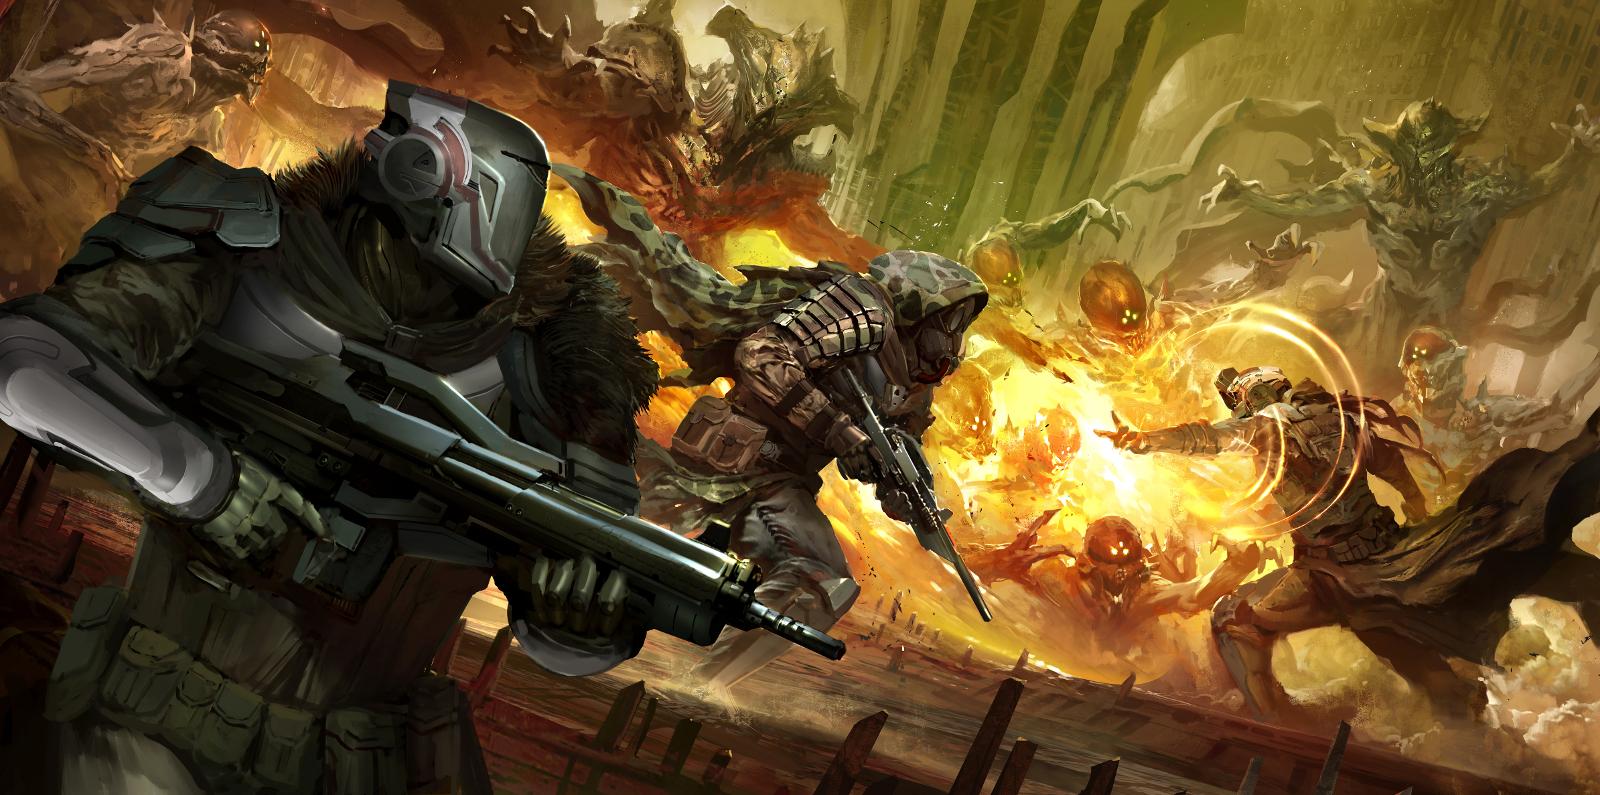 Destiny - Fireteam